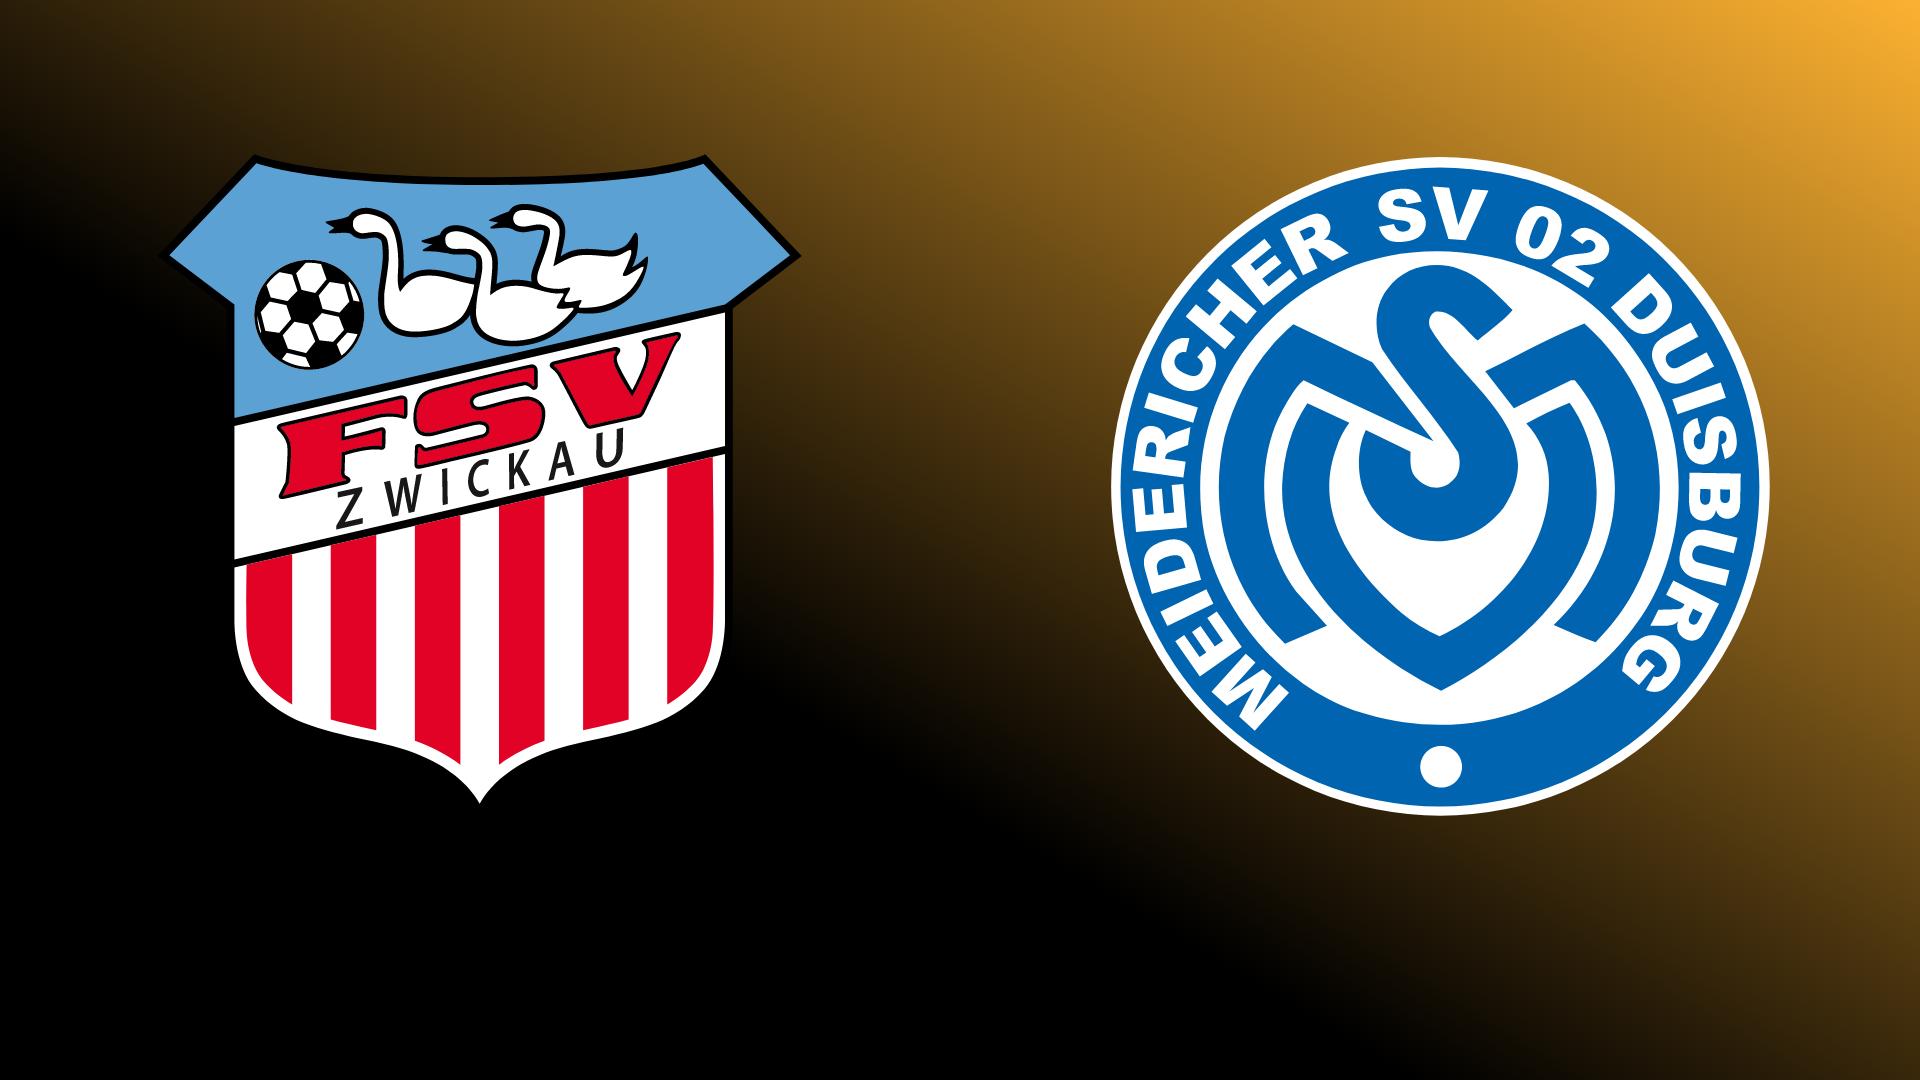 FSV Zwickau - MSV Duisburg 16.10.2021 um 13:45 Uhr auf Magenta Sport